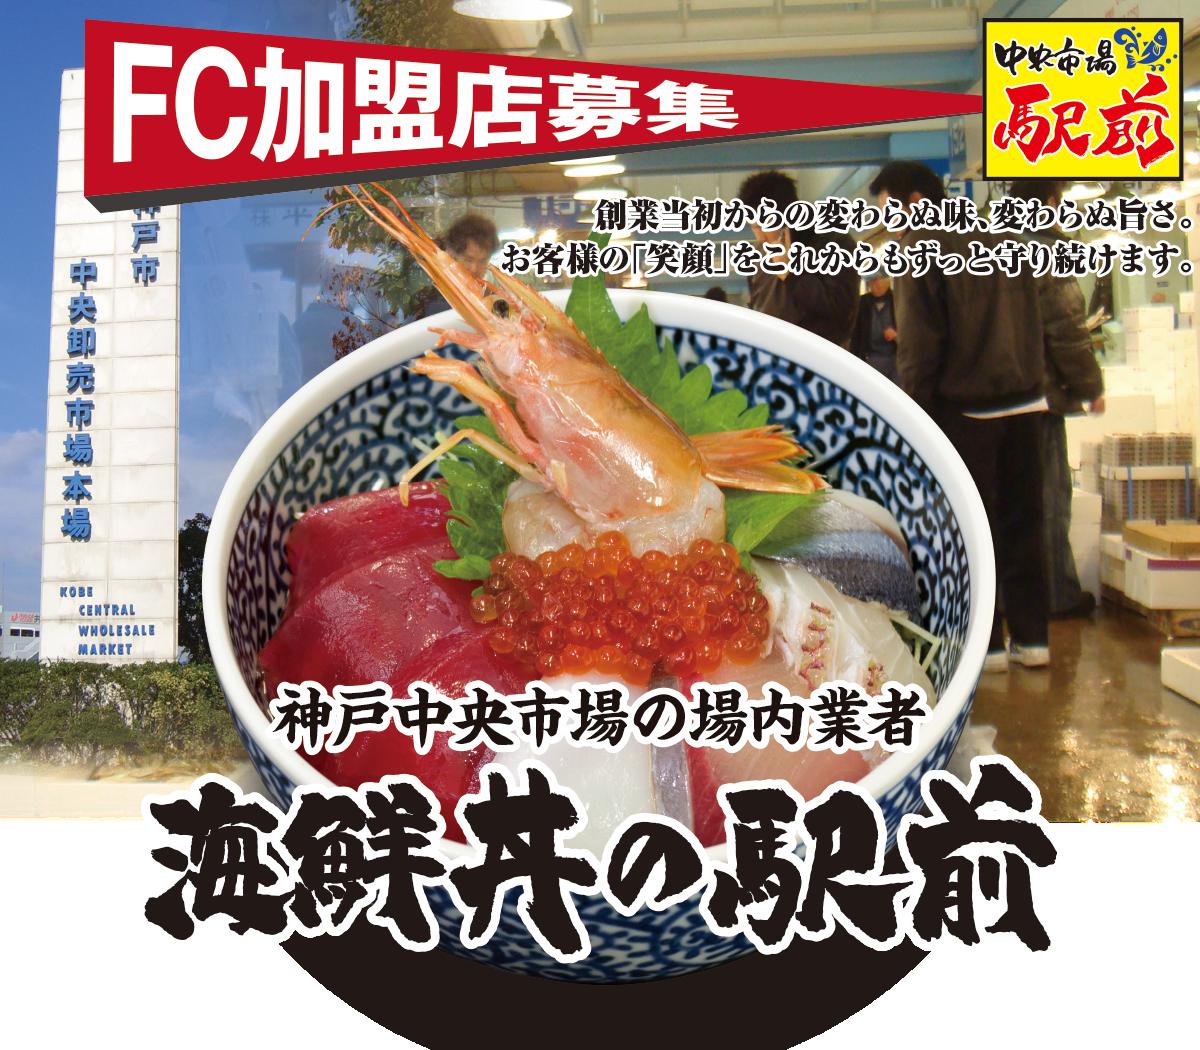 海鮮丼の駅前 フランチャイズ加盟店募集のご案内